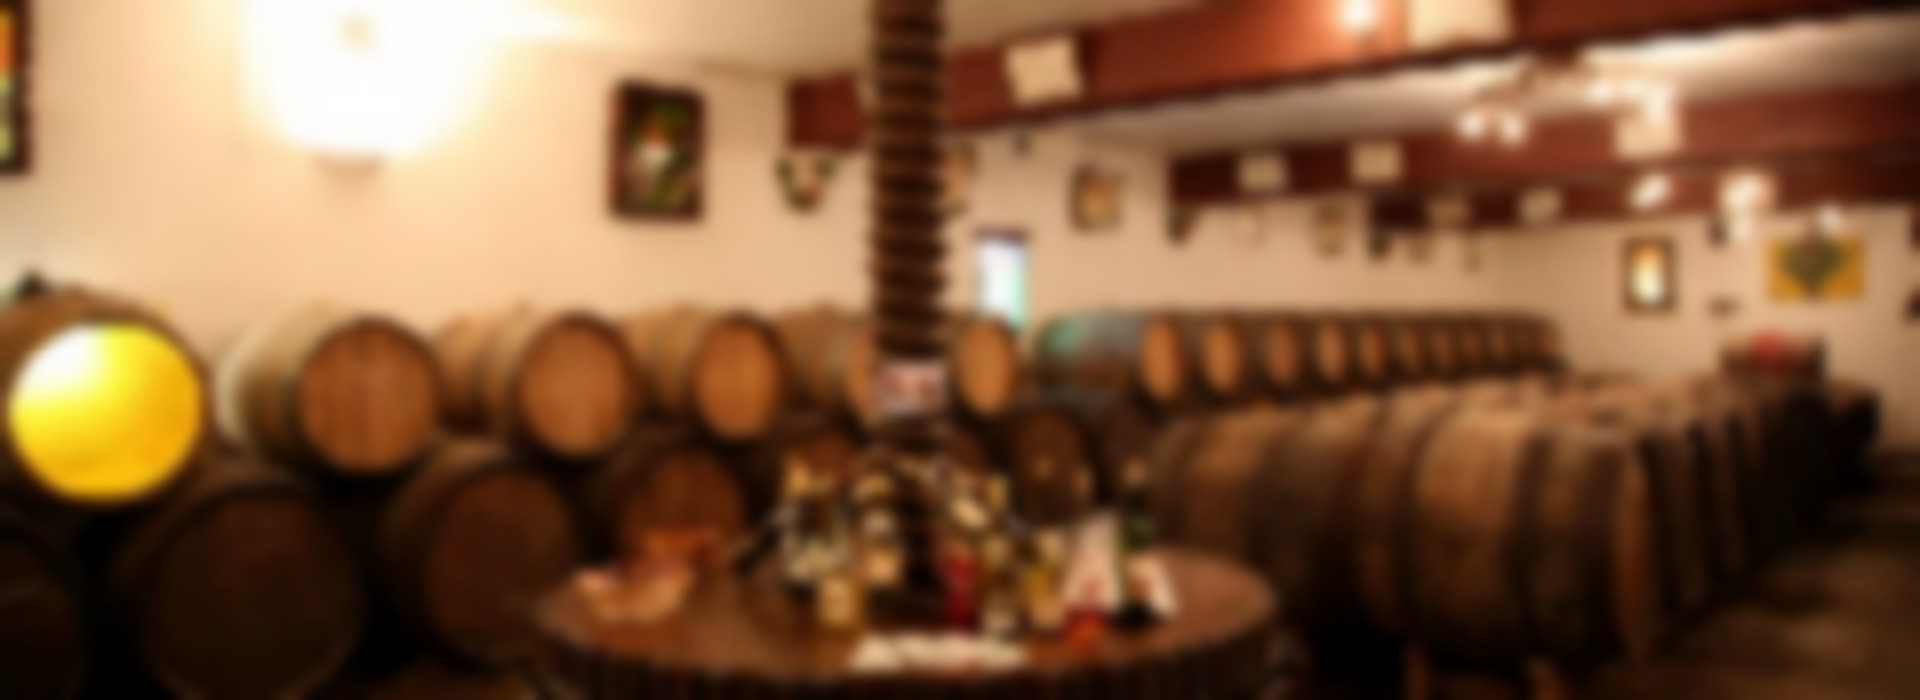 Domaine Henri Poiron Fils Autour Du Vin Et Des Vignobles